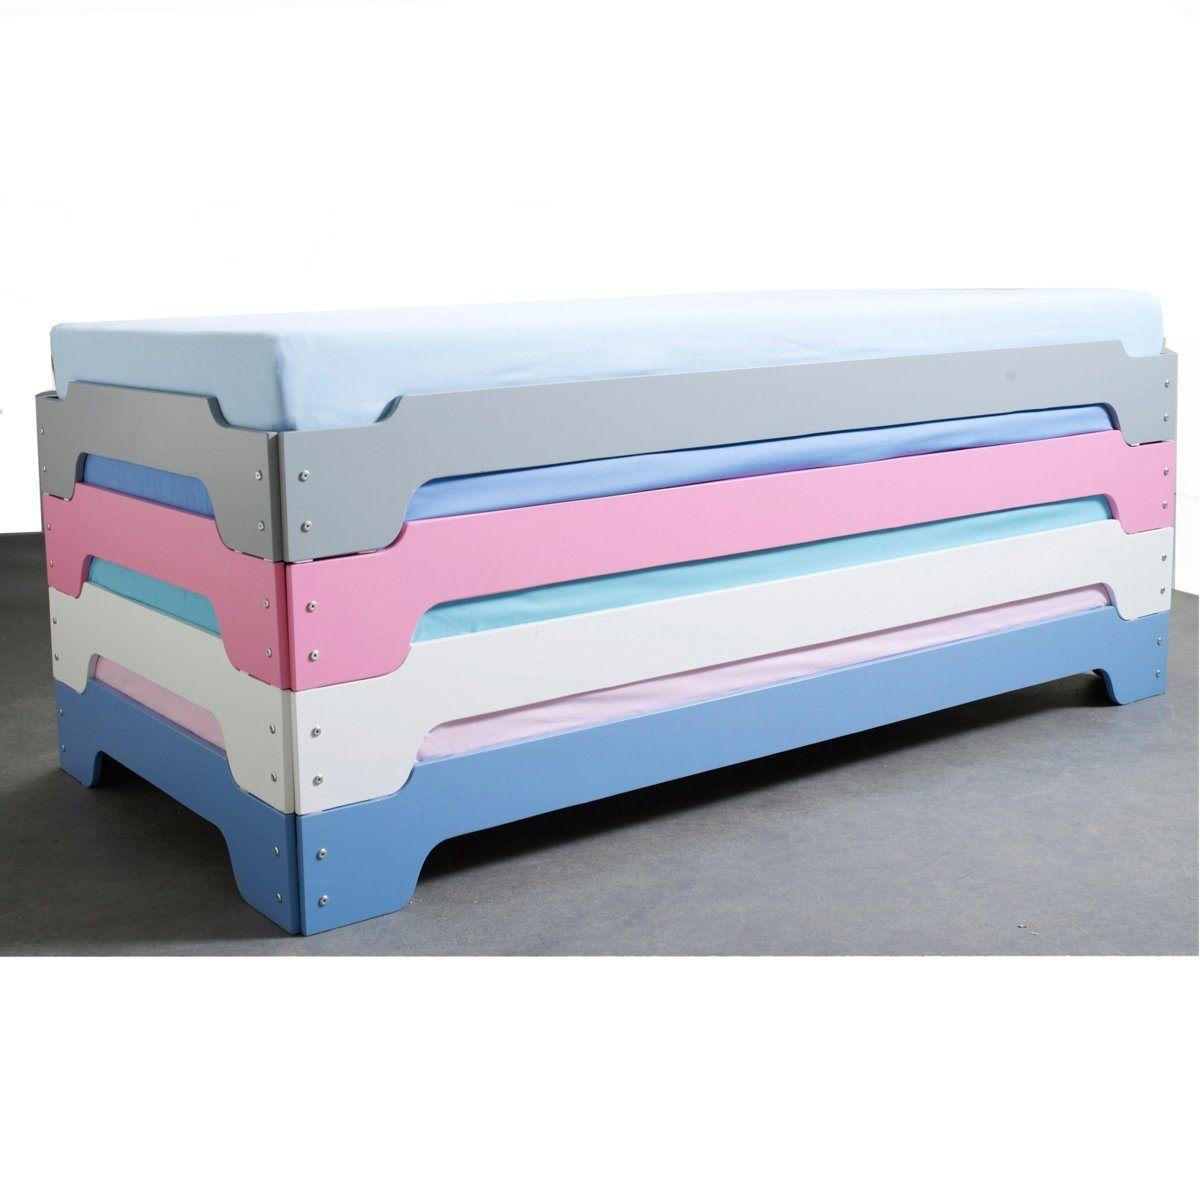 lit empilable et sommier egzigu autre diy and woodworks pinterest lits lit enfant et enfants. Black Bedroom Furniture Sets. Home Design Ideas